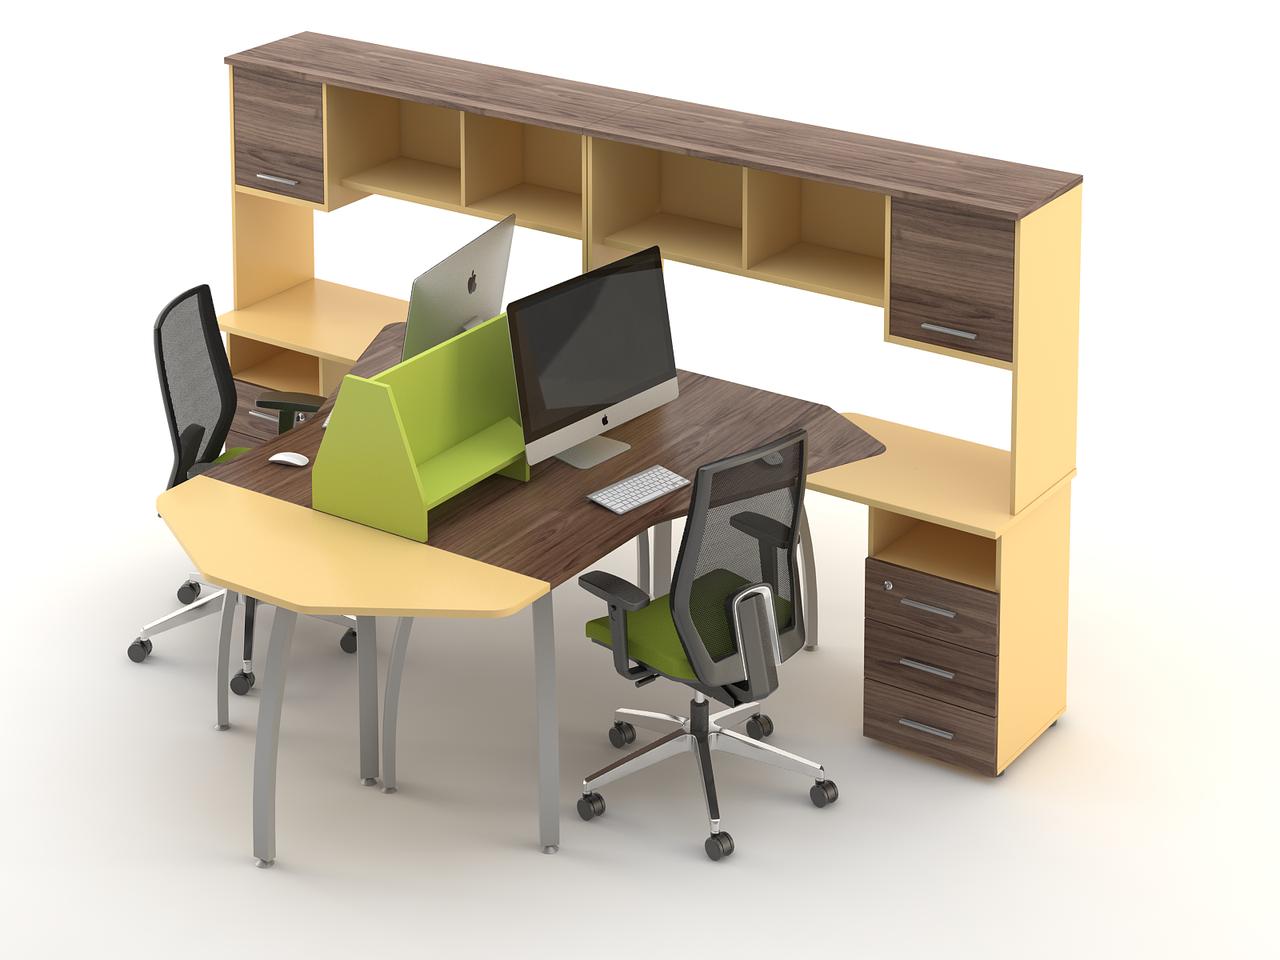 Комплект мебели для персонала серии Прайм композиция №8 ТМ MConcept